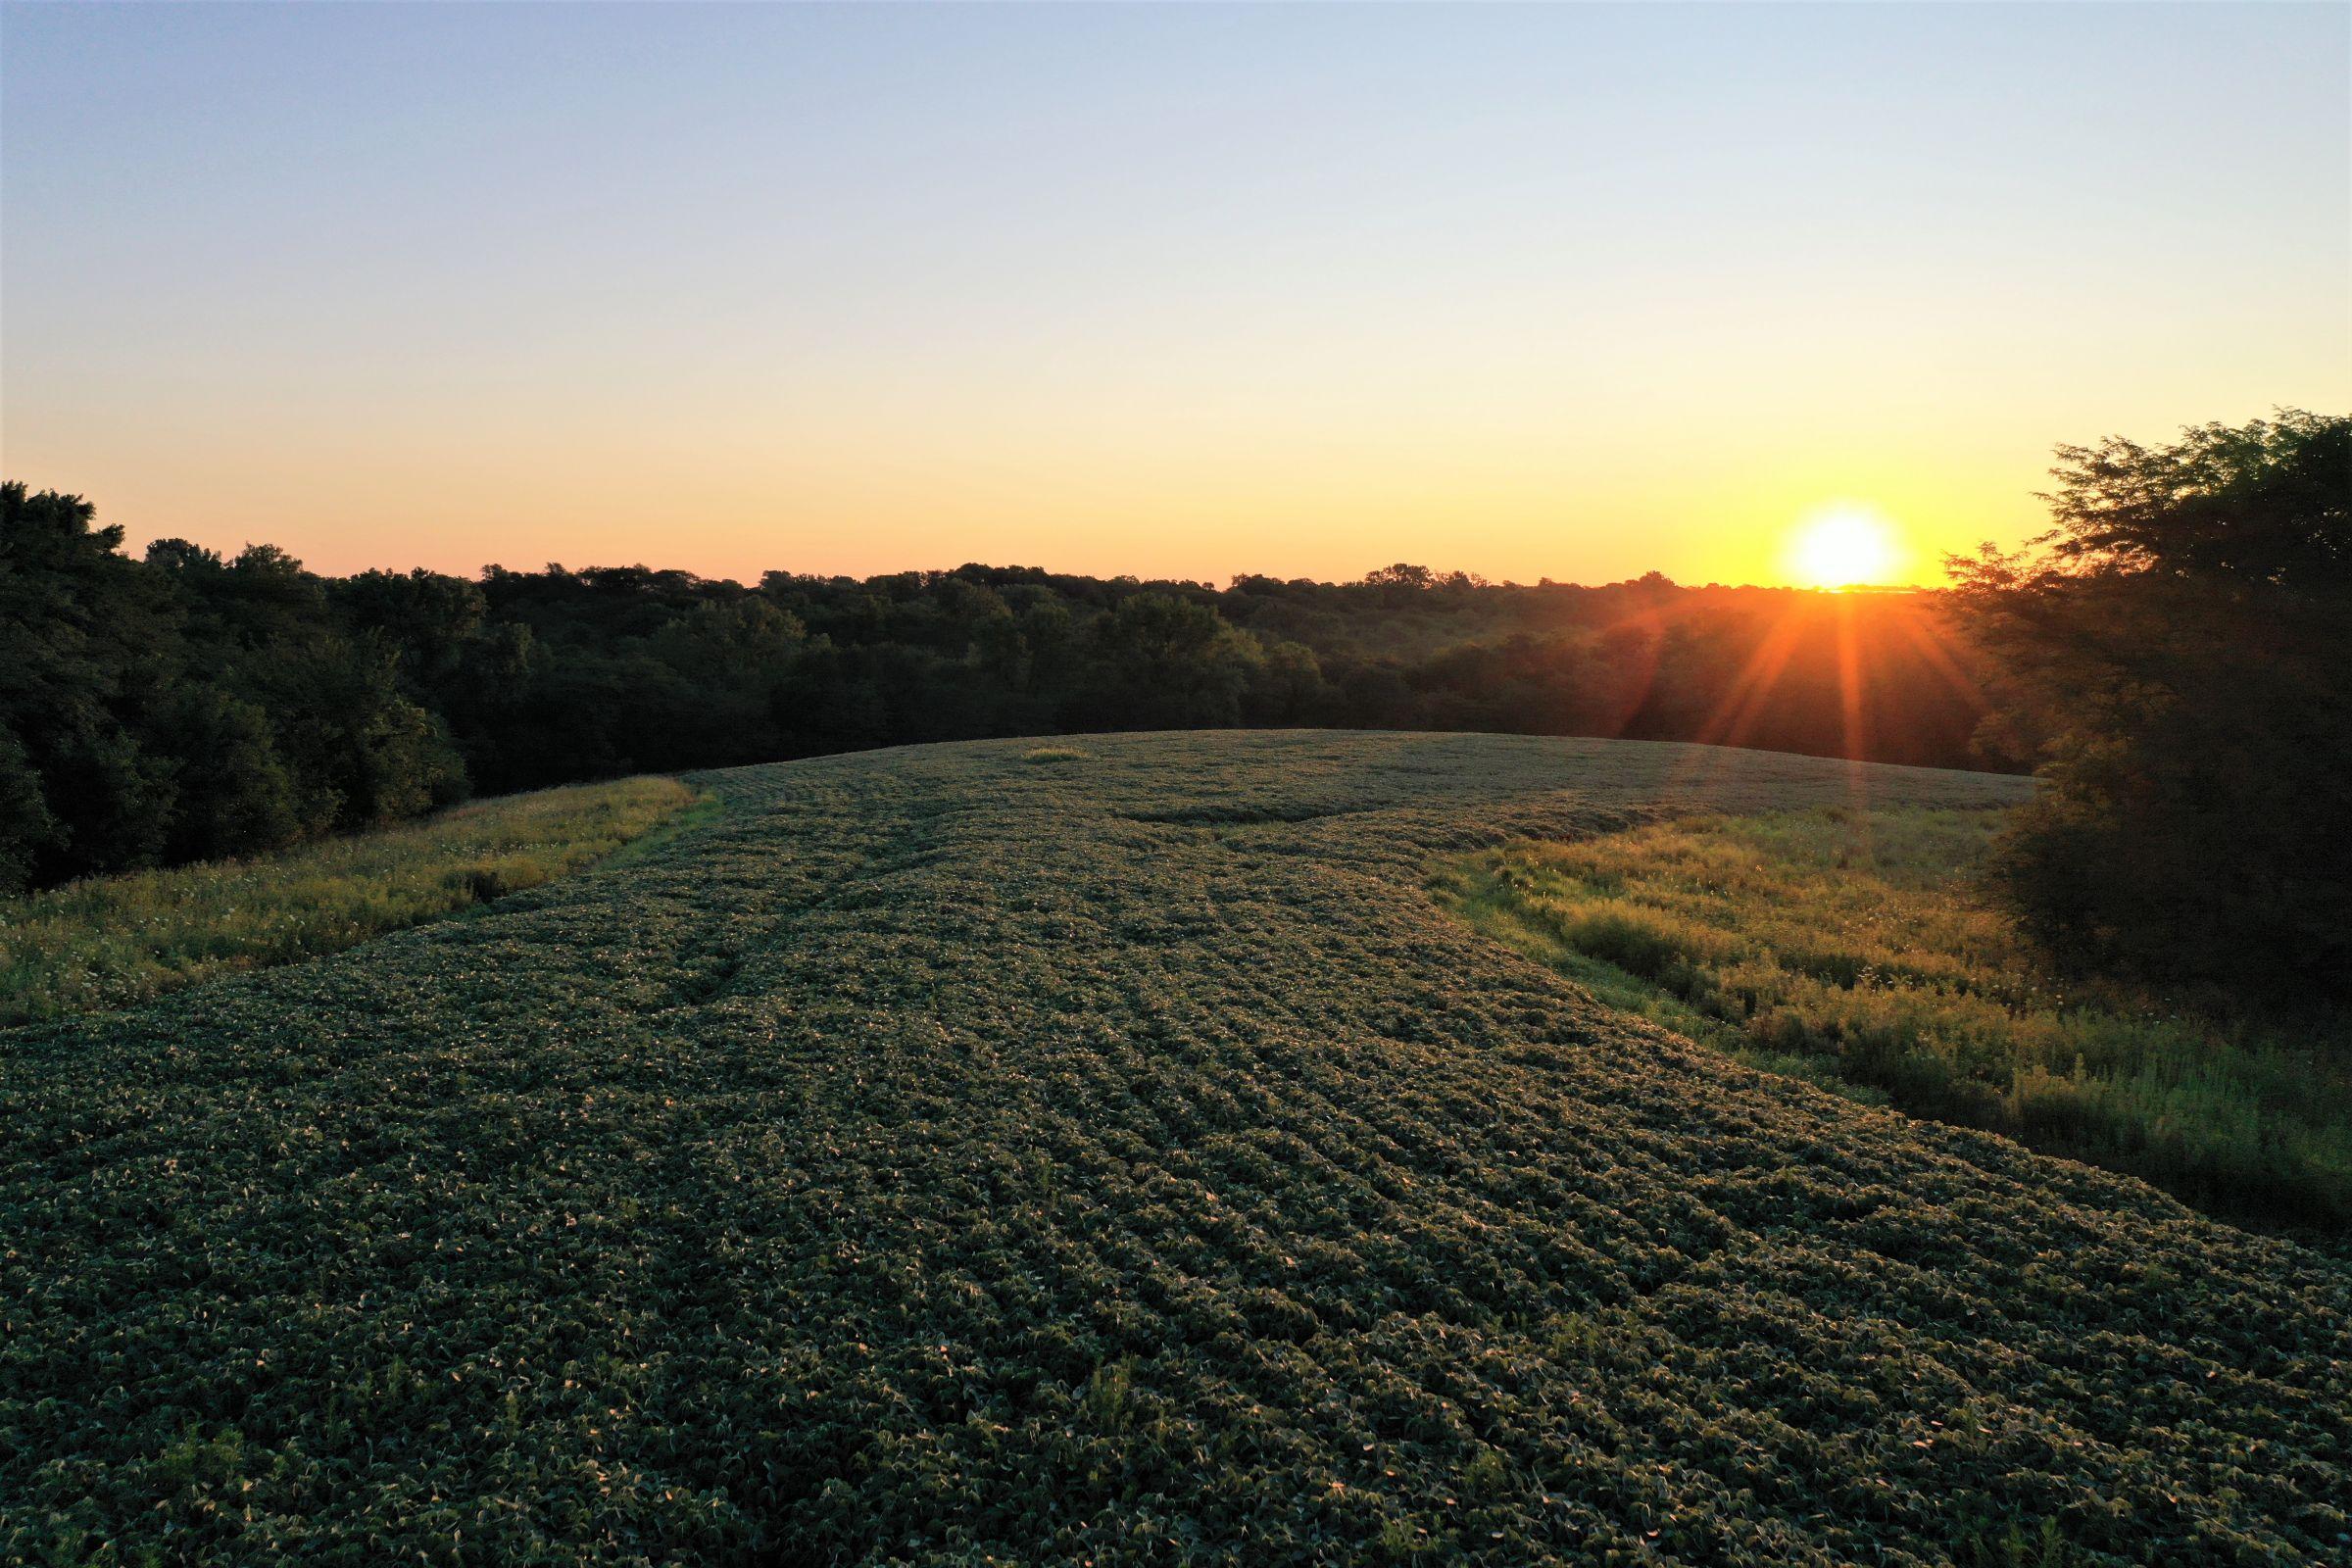 warren-county-iowa-40-acres-listing-number-15145-1-2020-08-28-144255.jpg